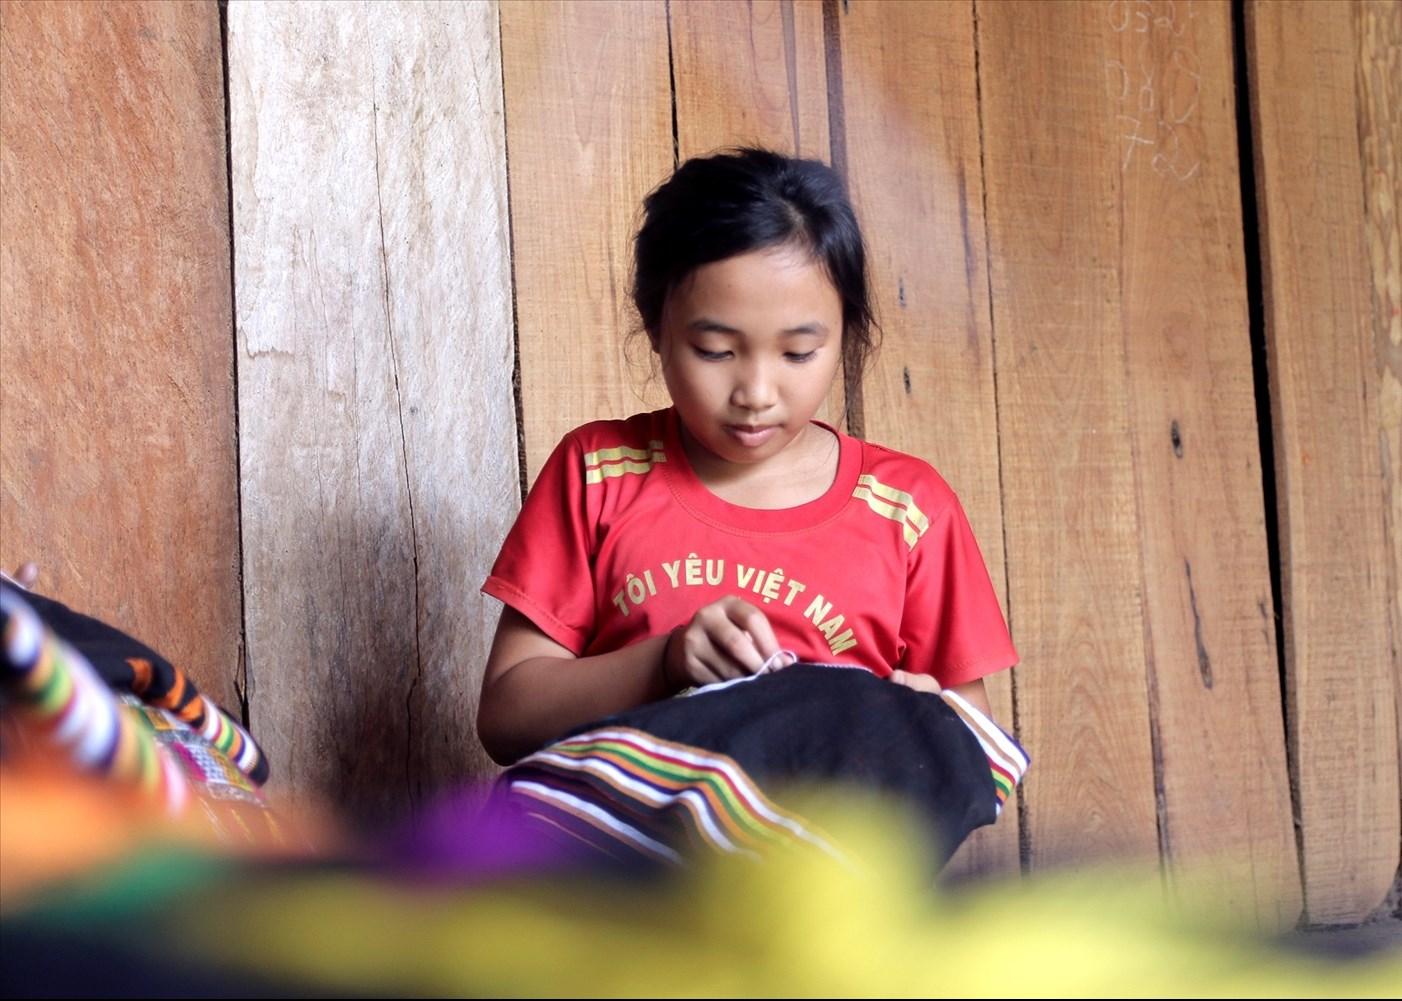 Chưa đầy 10 tuổi nhưng cô bé Lương Thị Lệ Quyên, ở bản Đàng, xã Nga My, huyện Tương Dương đã biết thêu hoa văn lên chân váy rất thuần thục